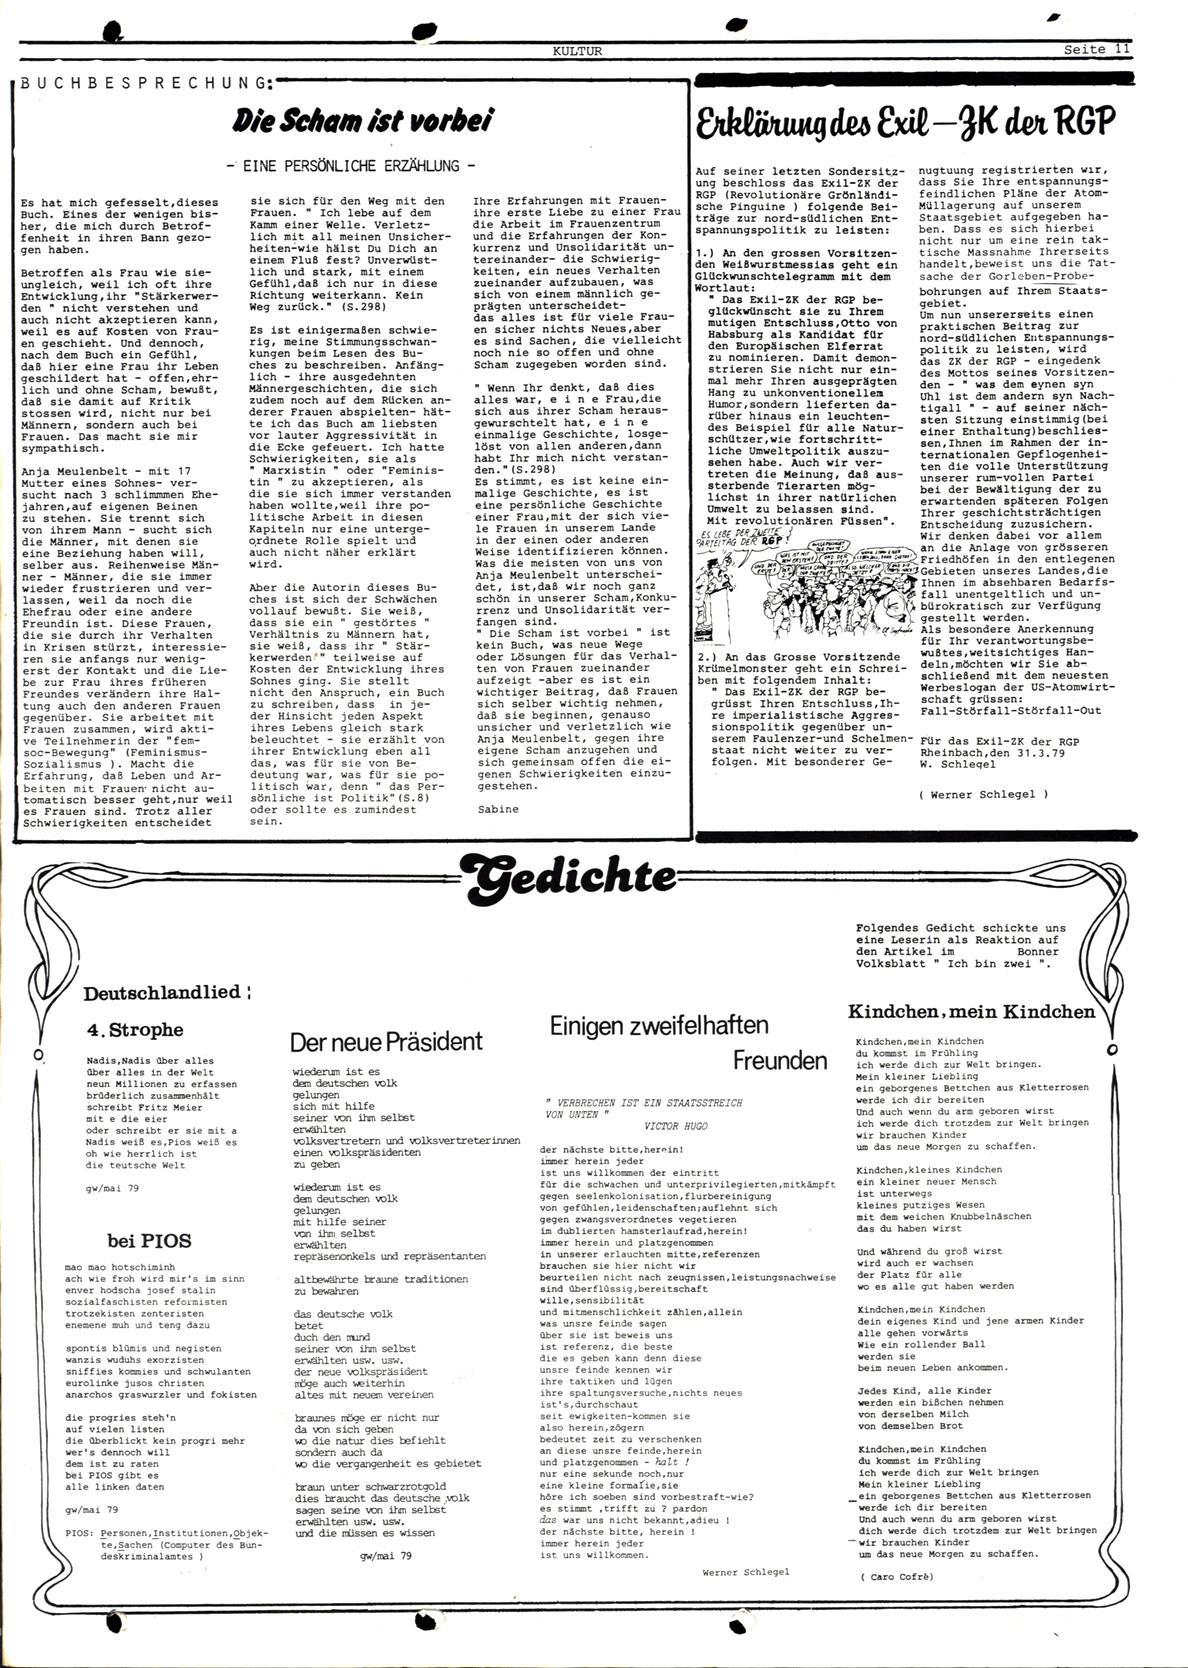 Bonner_Volksblatt_25_19790530_11